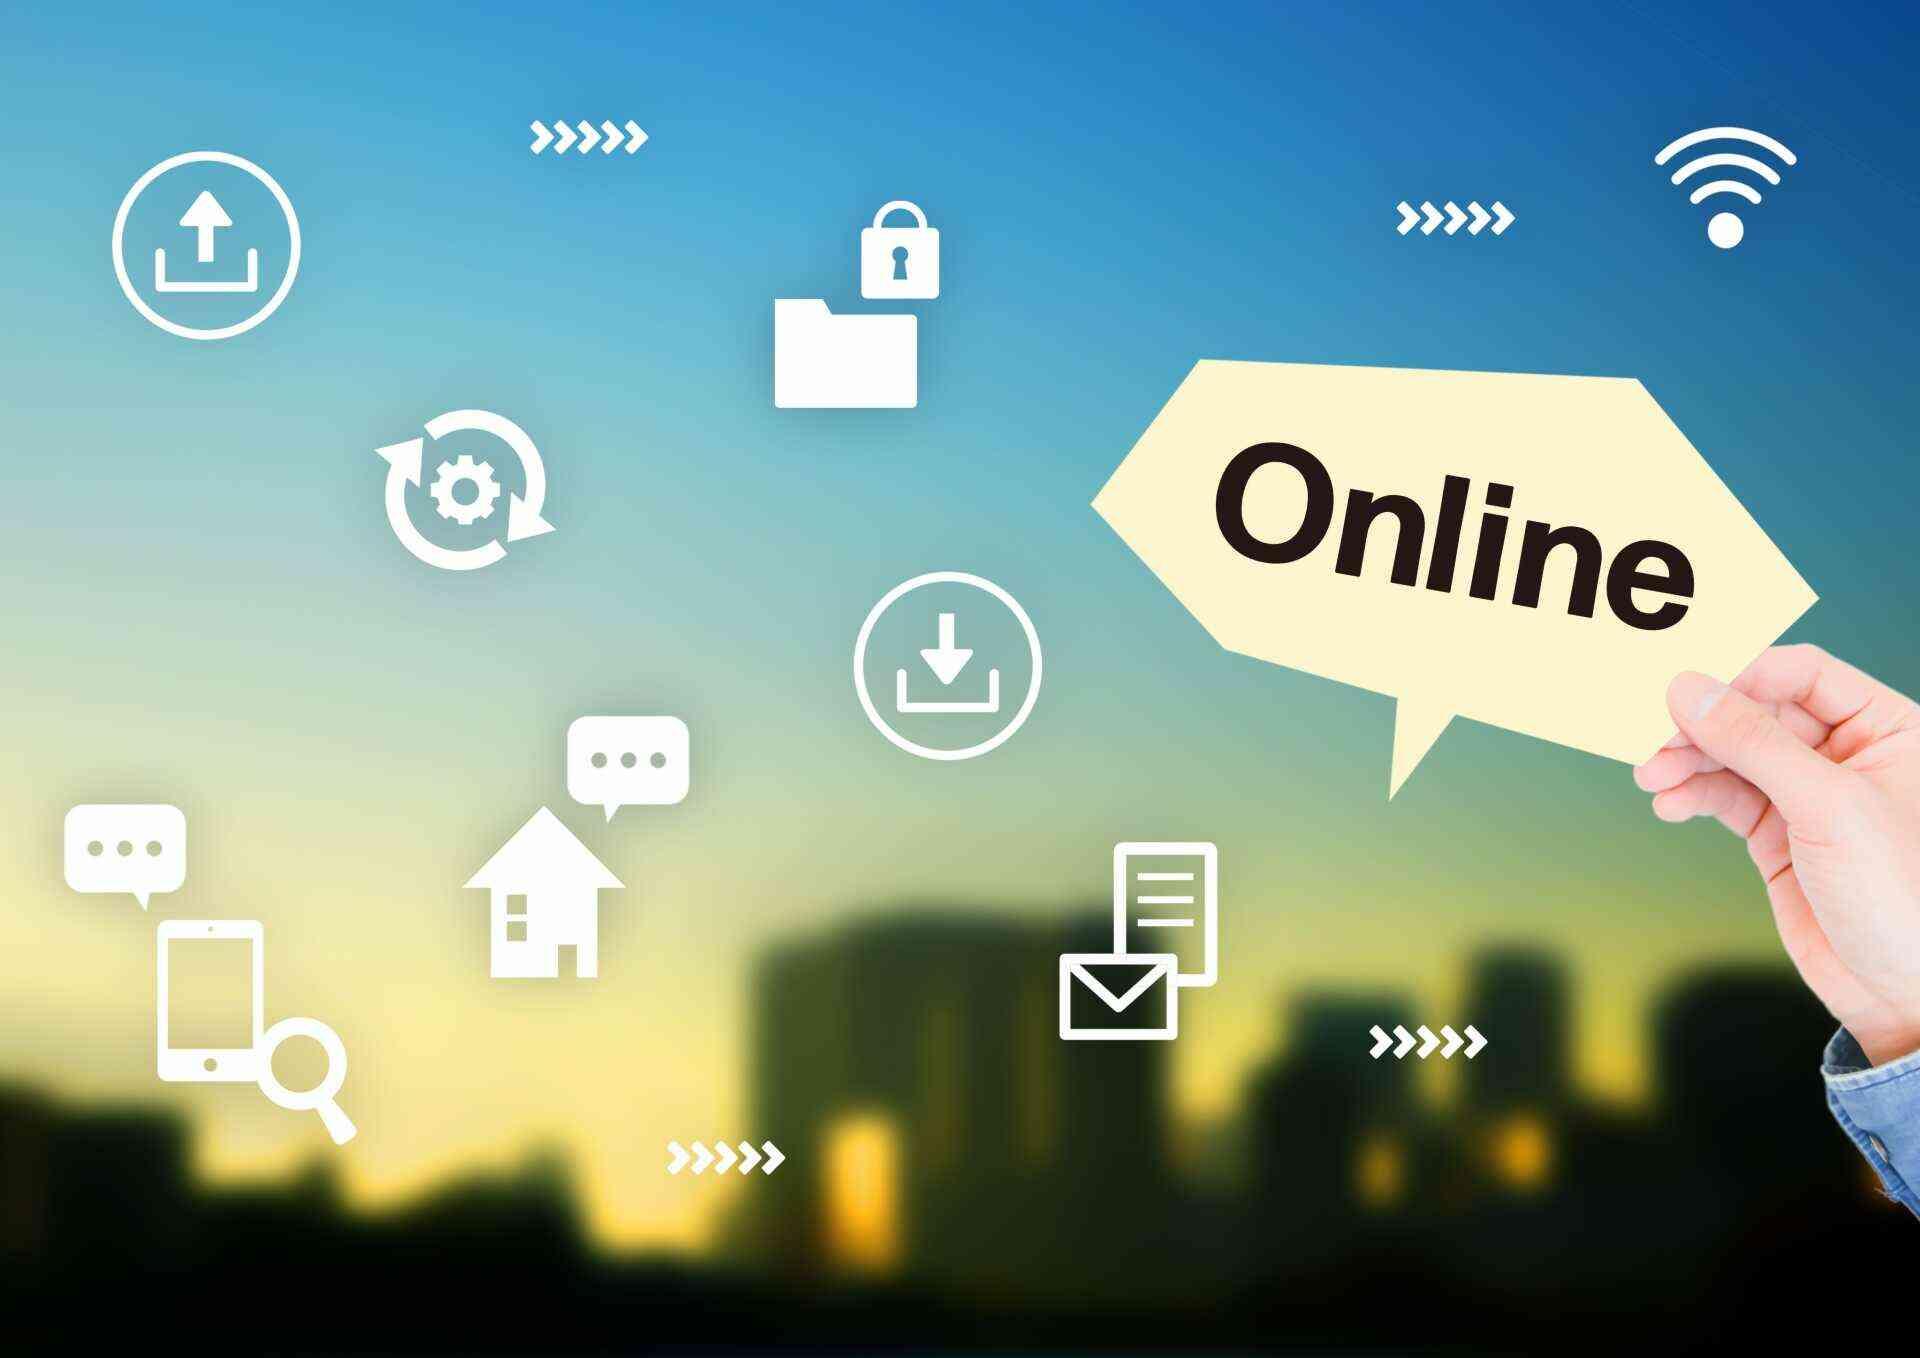 オンラインインターンに参加するときのポイントと注意点